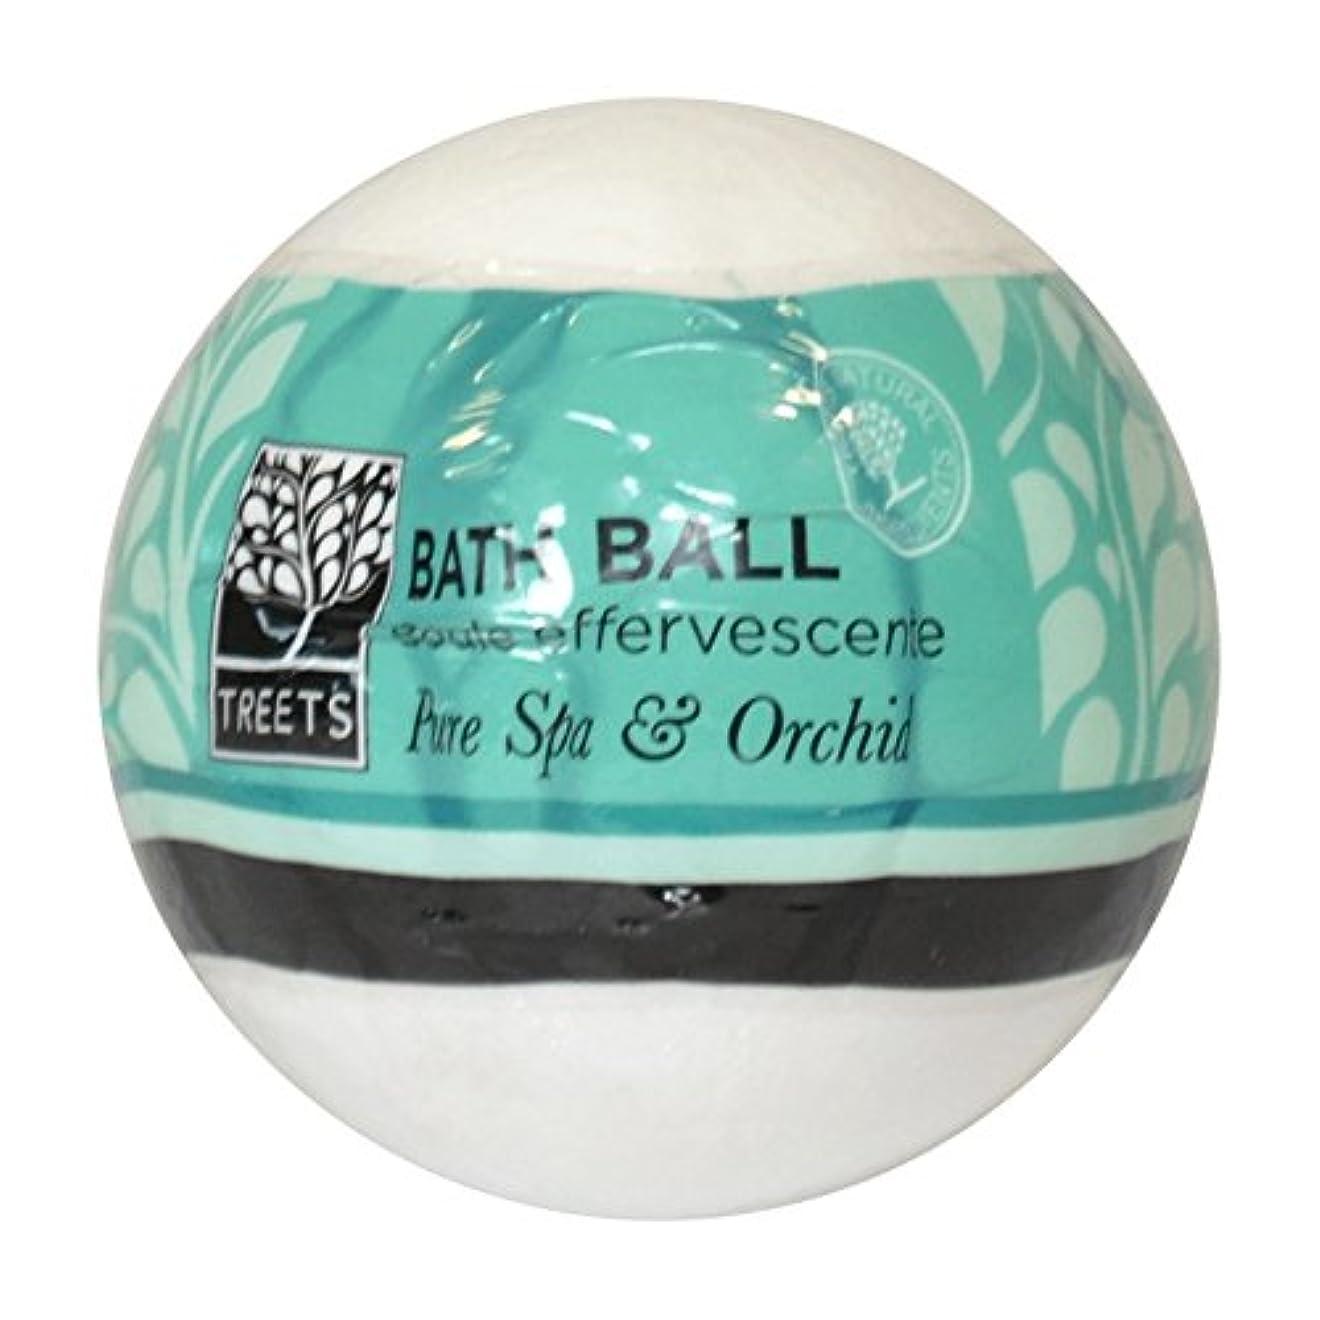 献身装置ツインTreets Orchid & Pure Spa Bath Ball (Pack of 6) - Treets蘭&純粋なスパバスボール (x6) [並行輸入品]